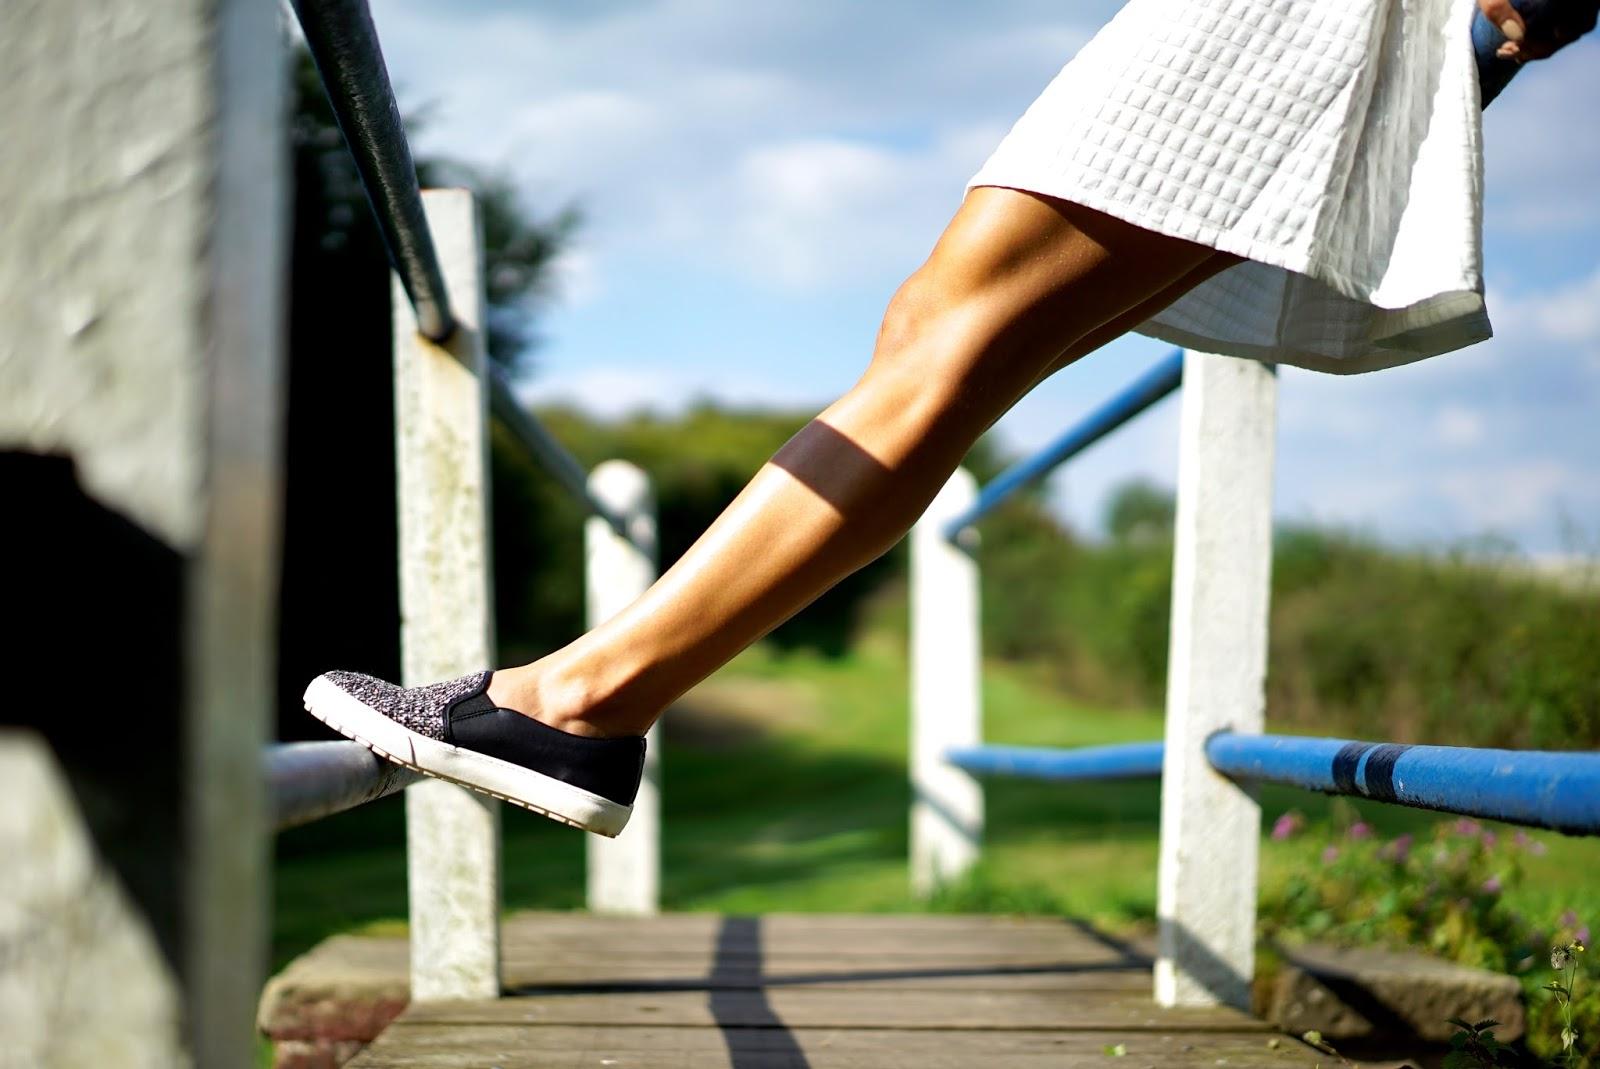 Hanneli Mustaparta shoes